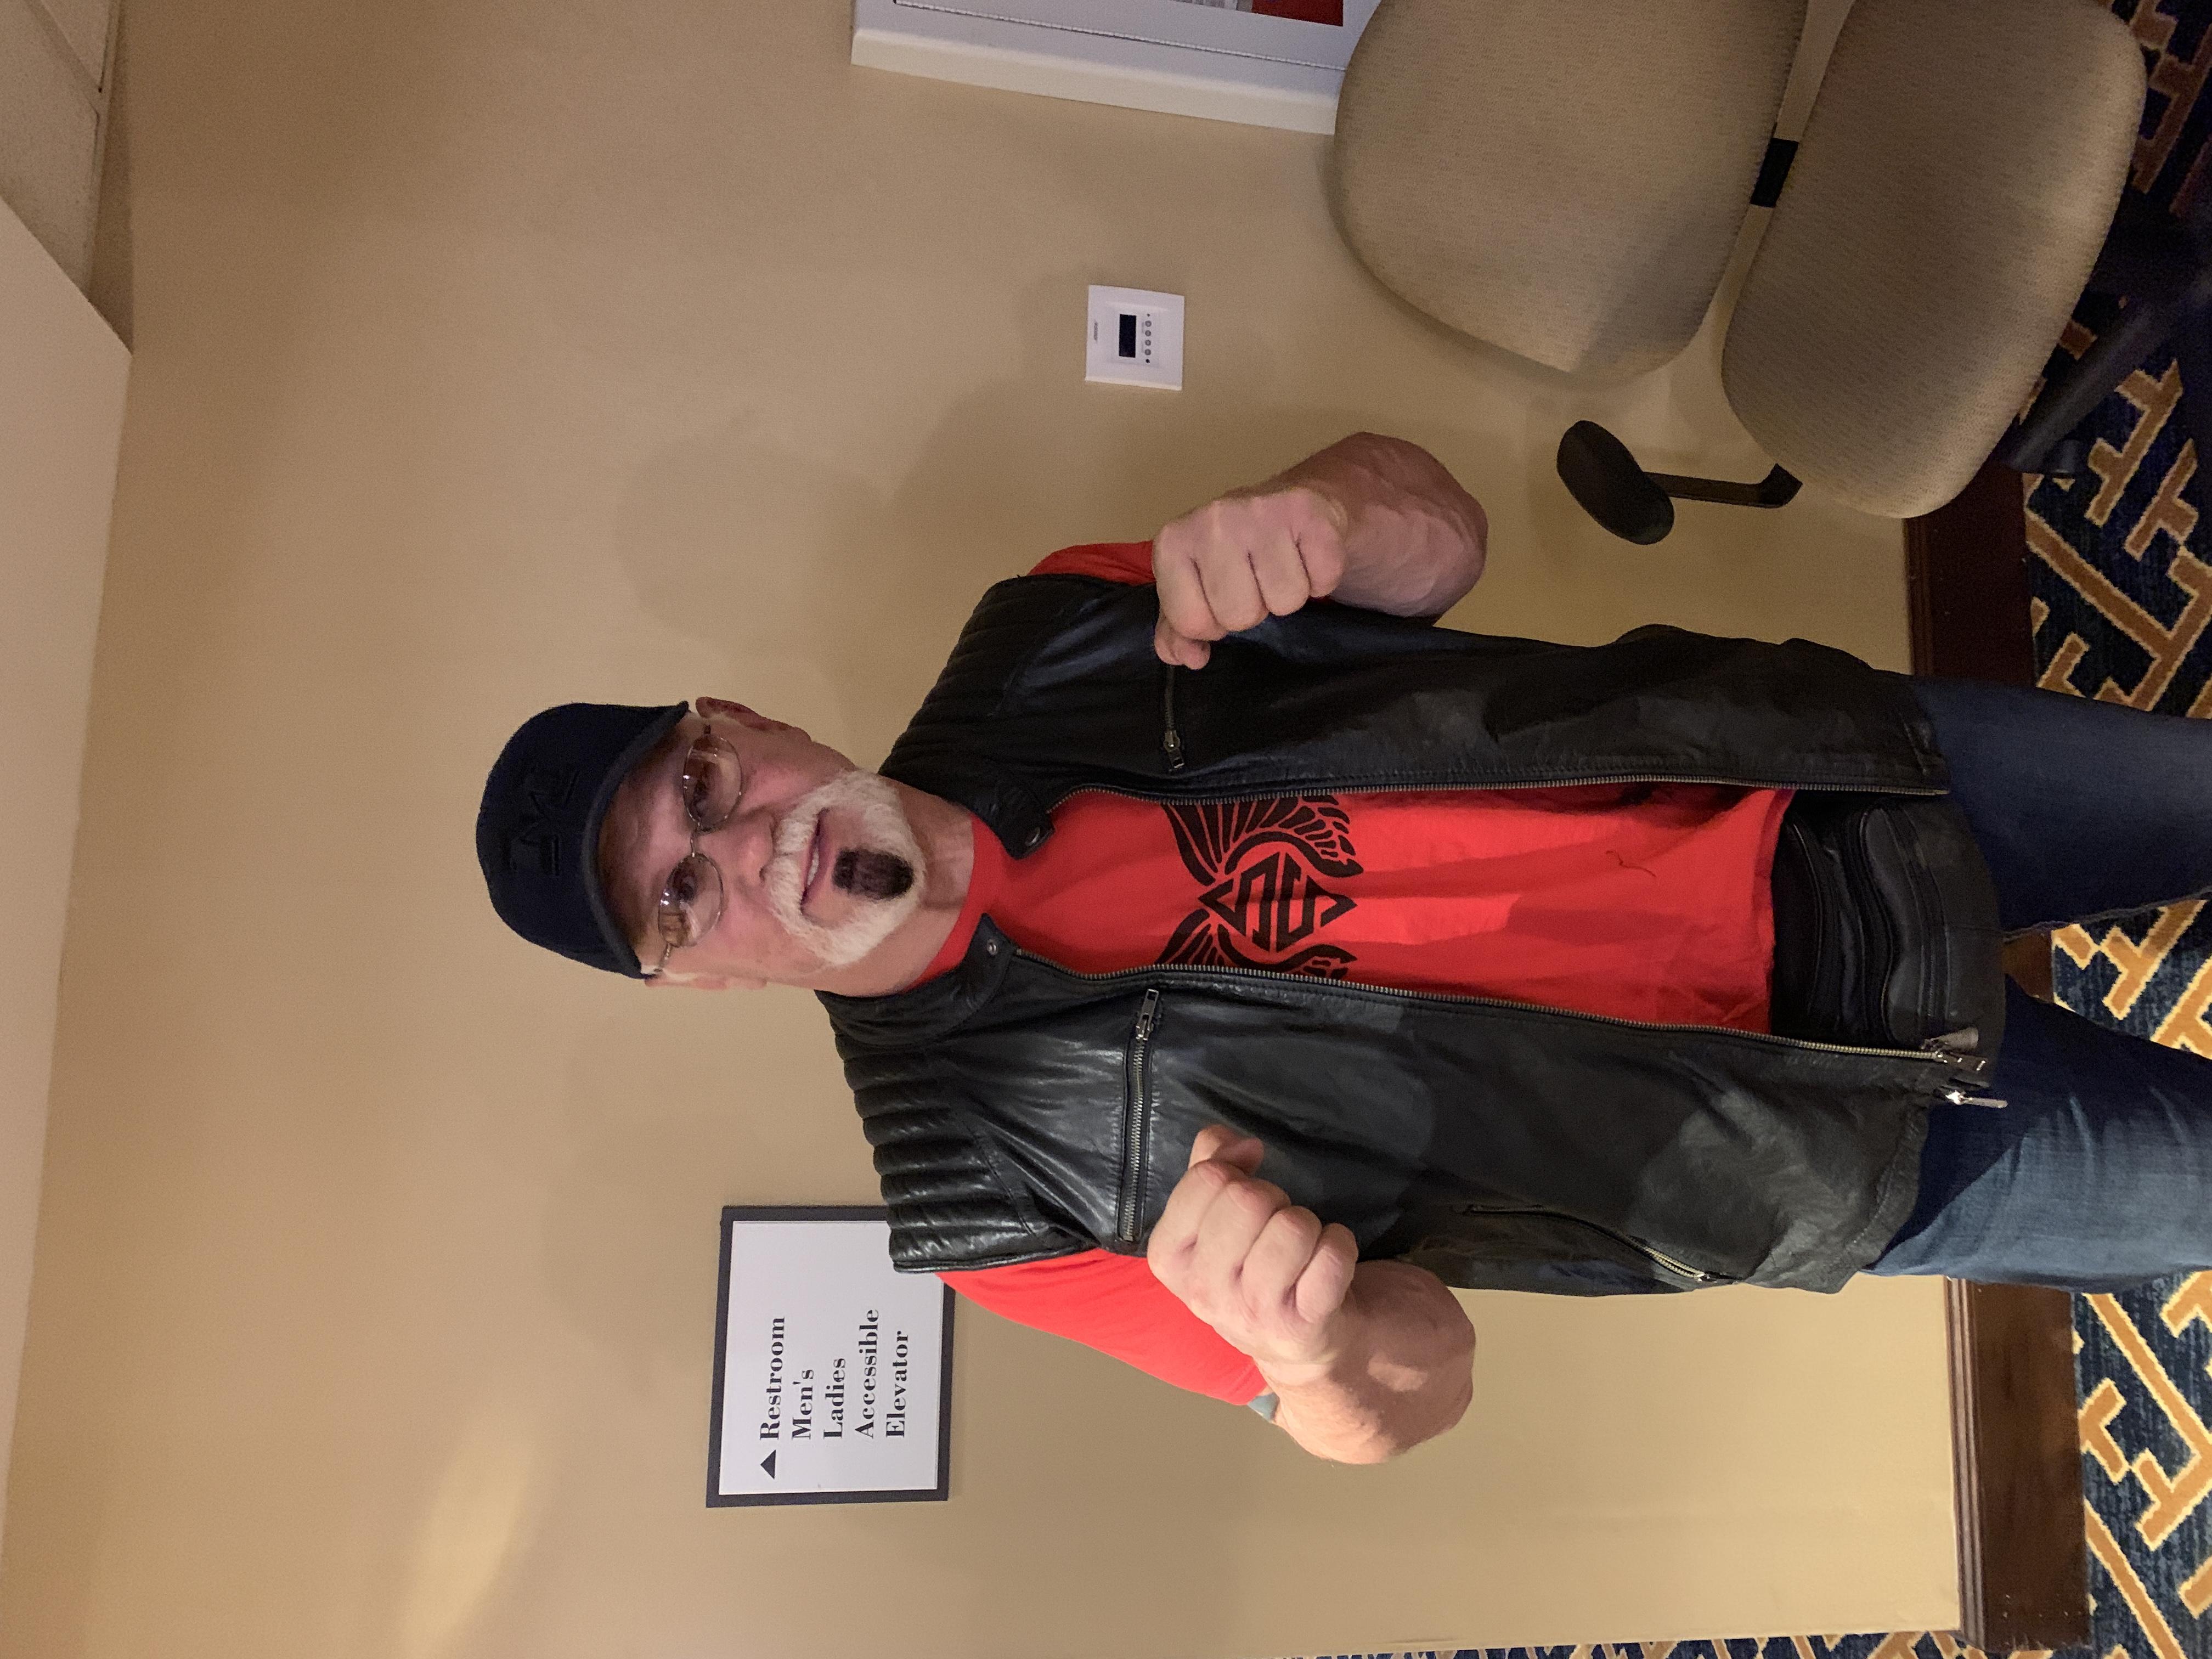 Wrestler Scott Steiner